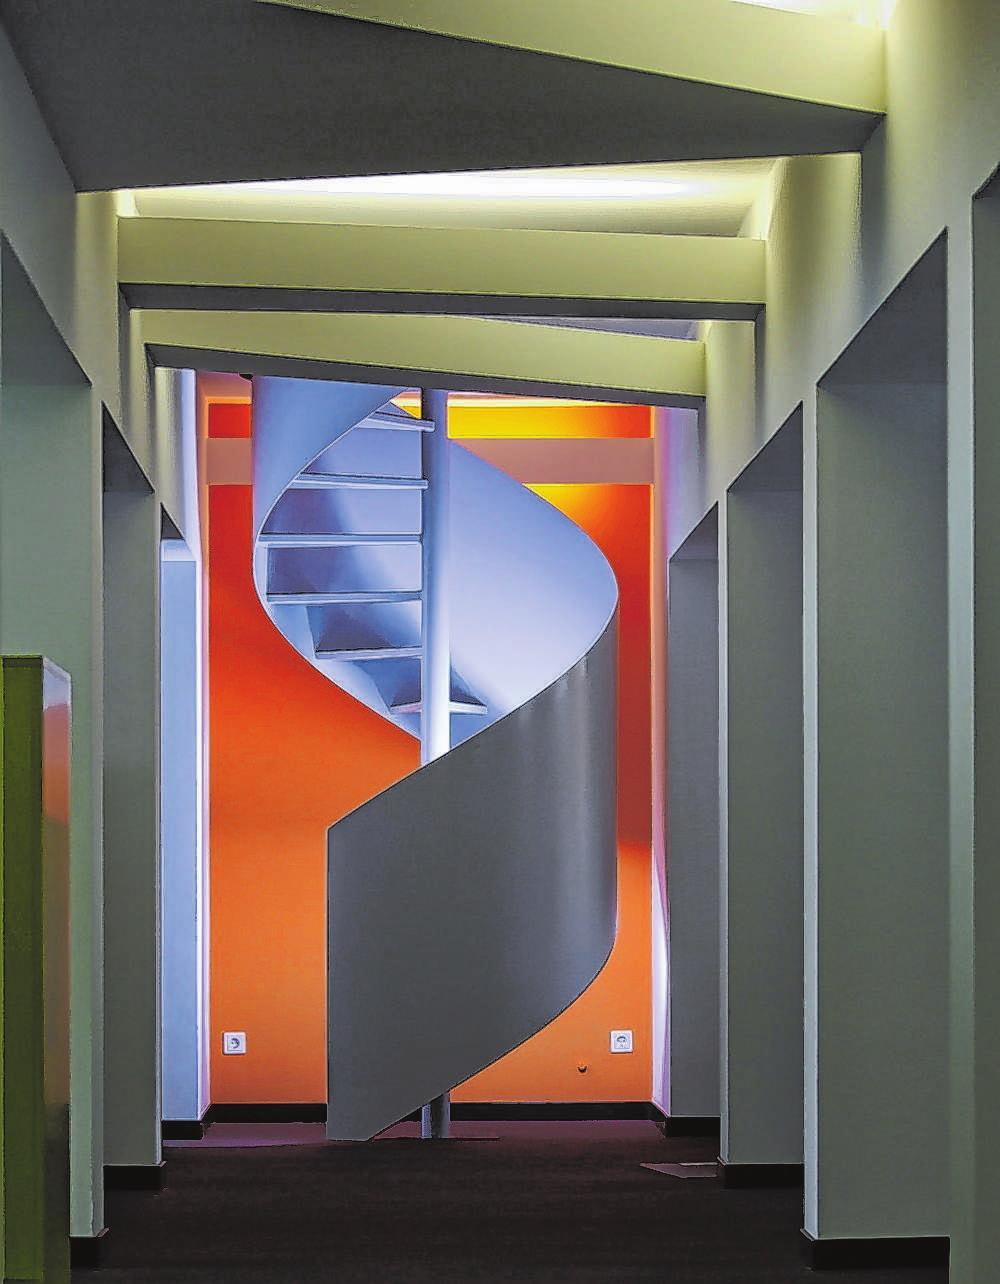 Metallbauer beherrschen traditionelle und moderne Techniken – zum Beispiel im Treppenbau. Fotos: PR